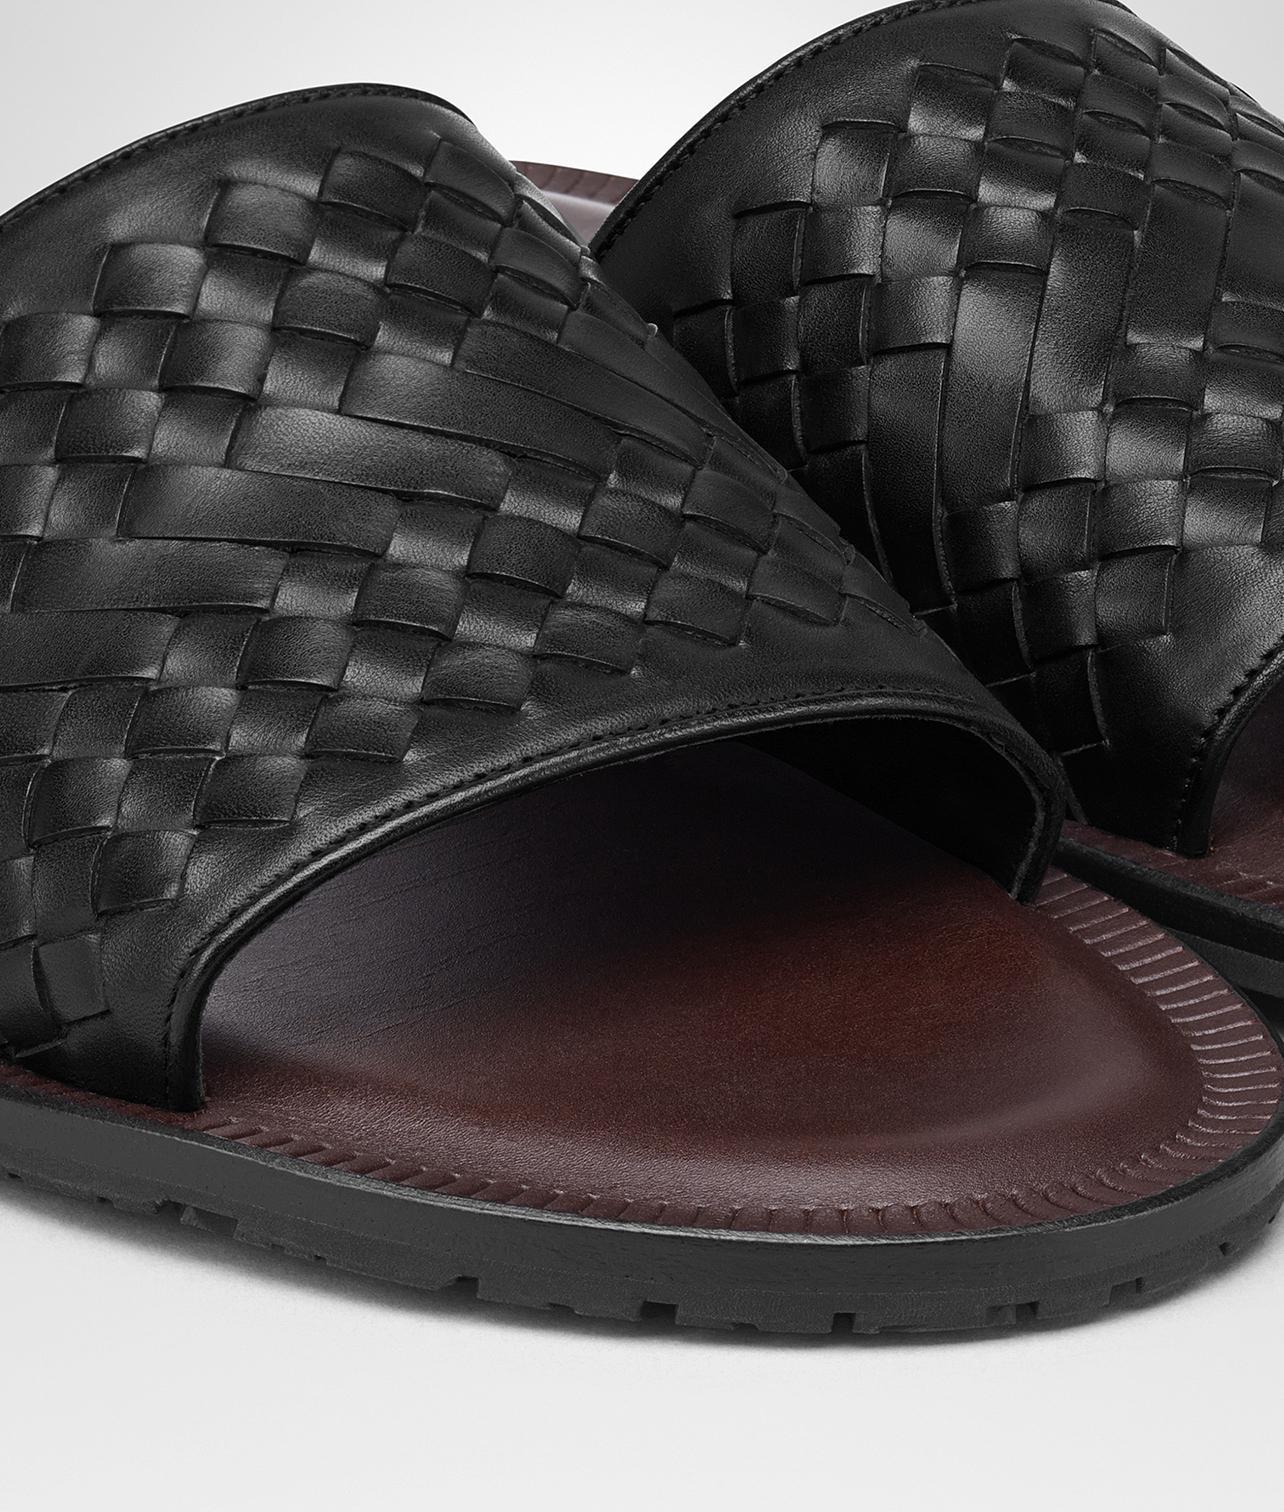 e0f38eefe802 Bottega Veneta Nero Intrecciato Calf Sapa Sandal in Black for Men - Lyst